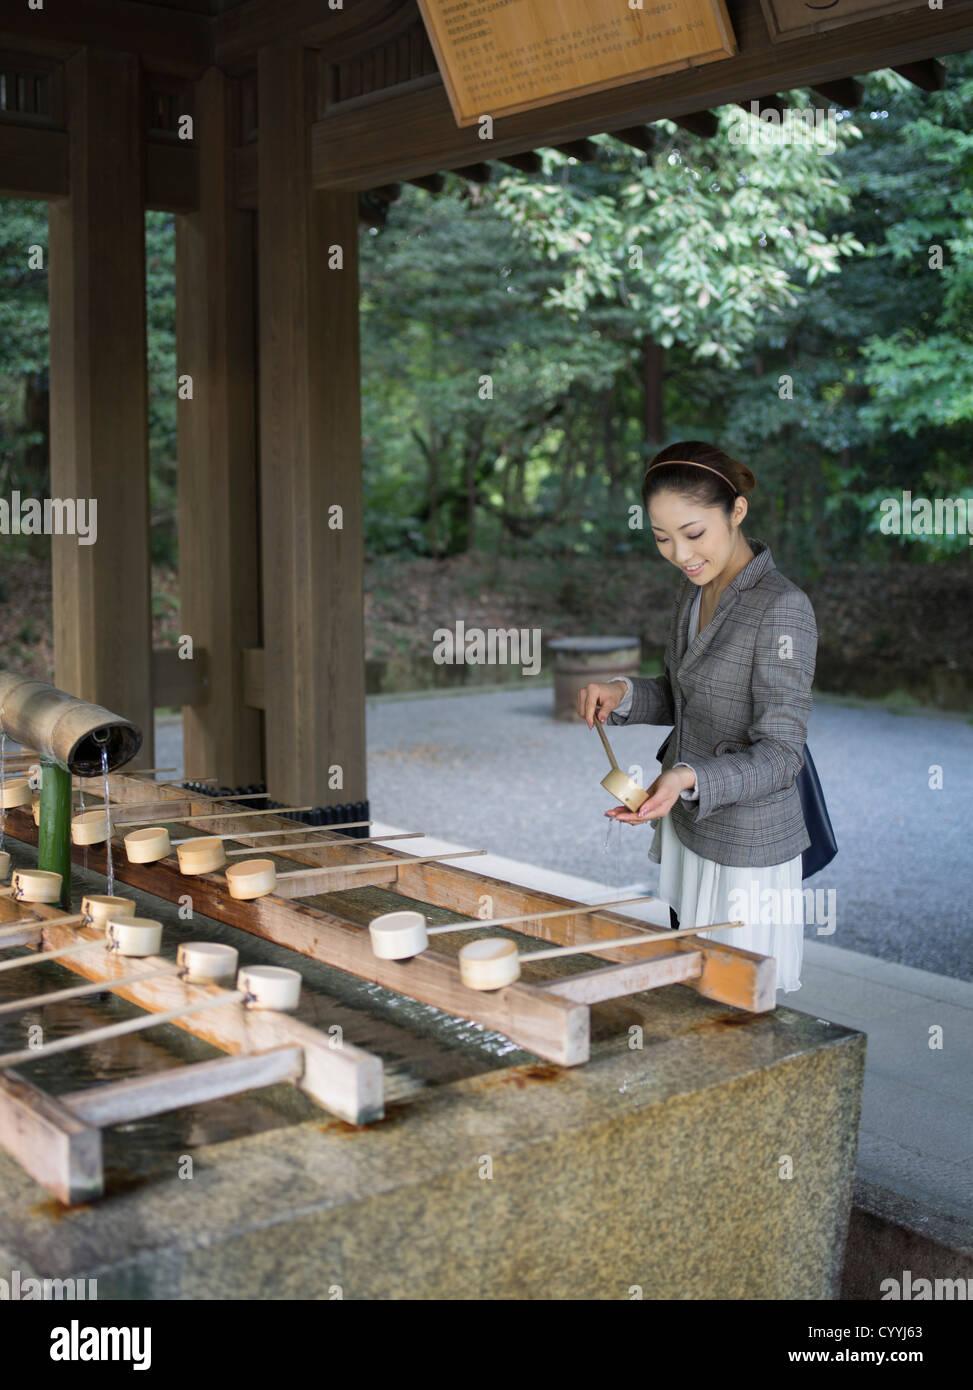 Schöne junge Japanerin besuchen Meiji Jingu Schrein, Tokyo am Reinigung Trog (Chōzuya oder Temizuya) Stockfoto